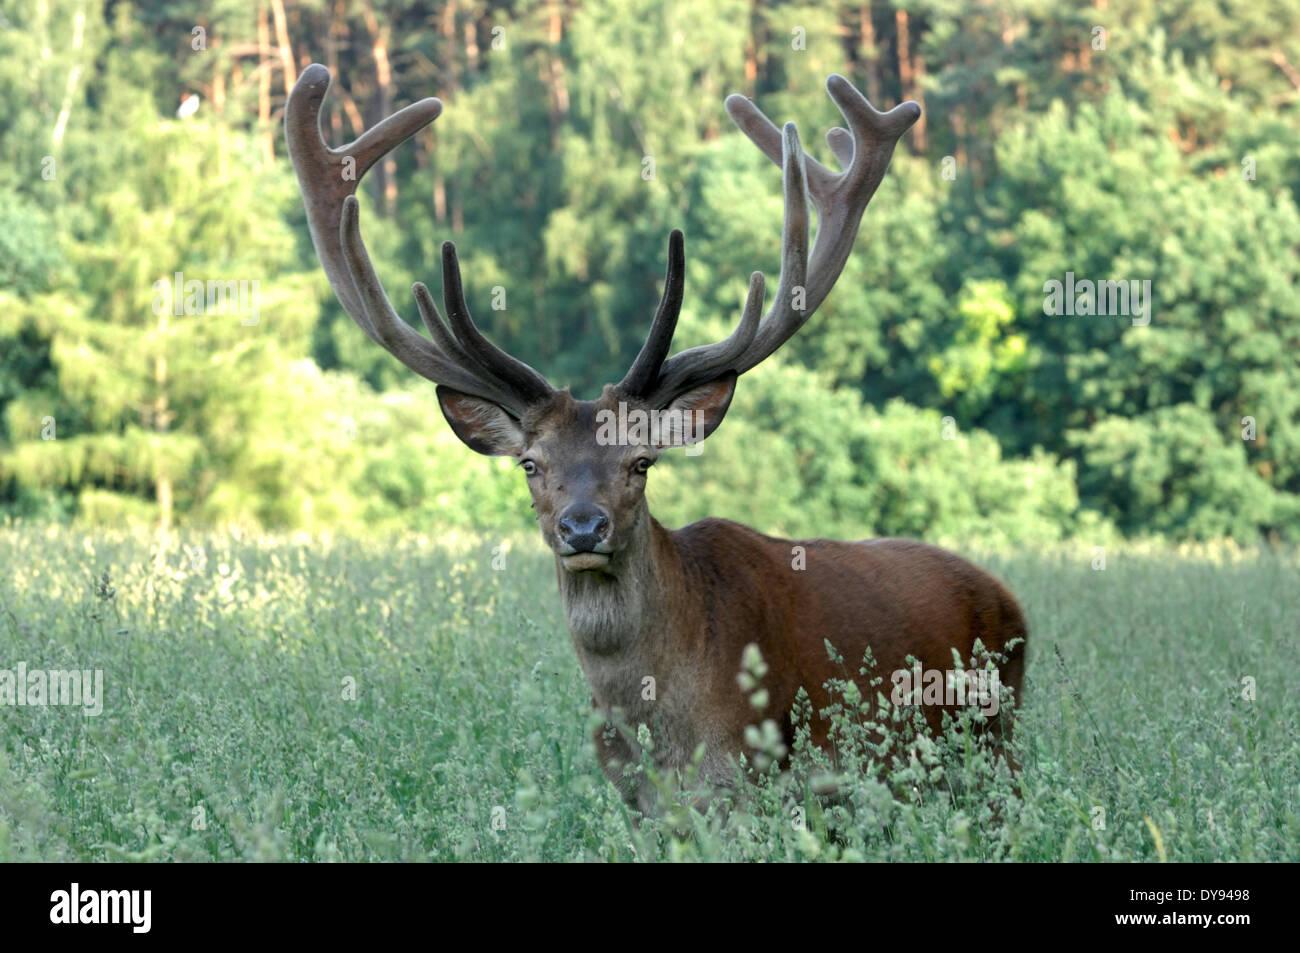 New zealand red deer antler velvet